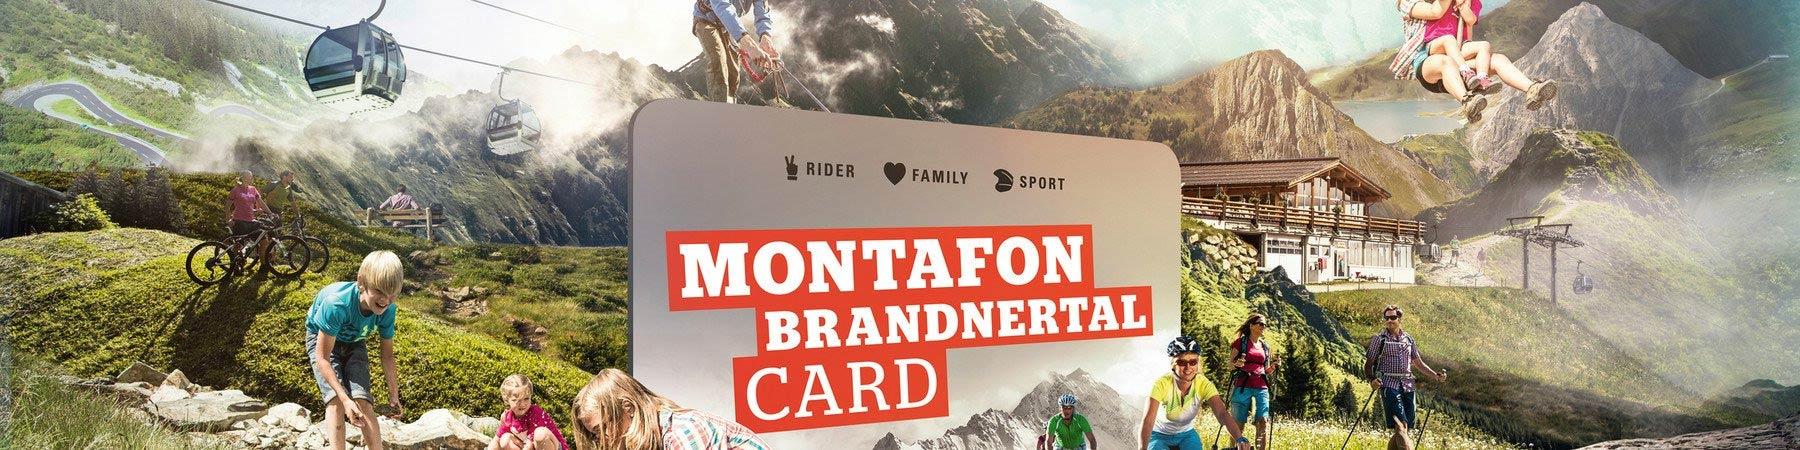 Montafon Brandnertal Card 2019/2020